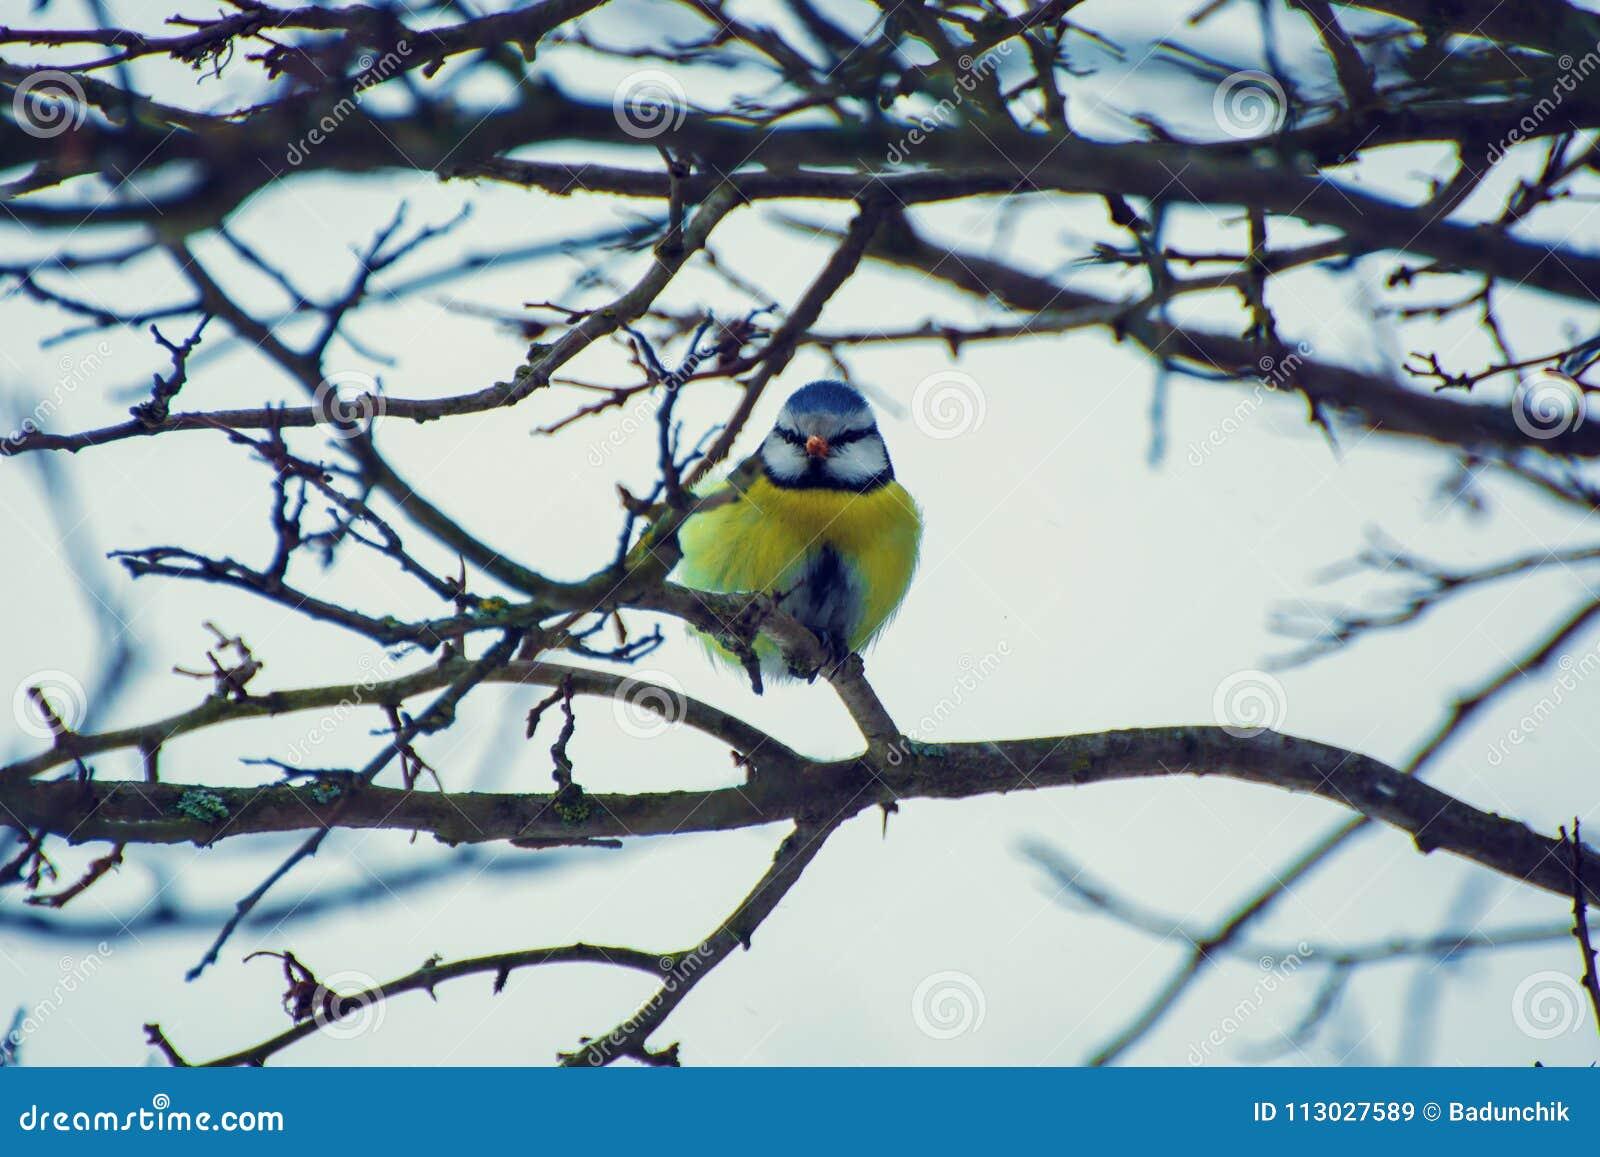 Foto del tit hermoso en rama en invierno